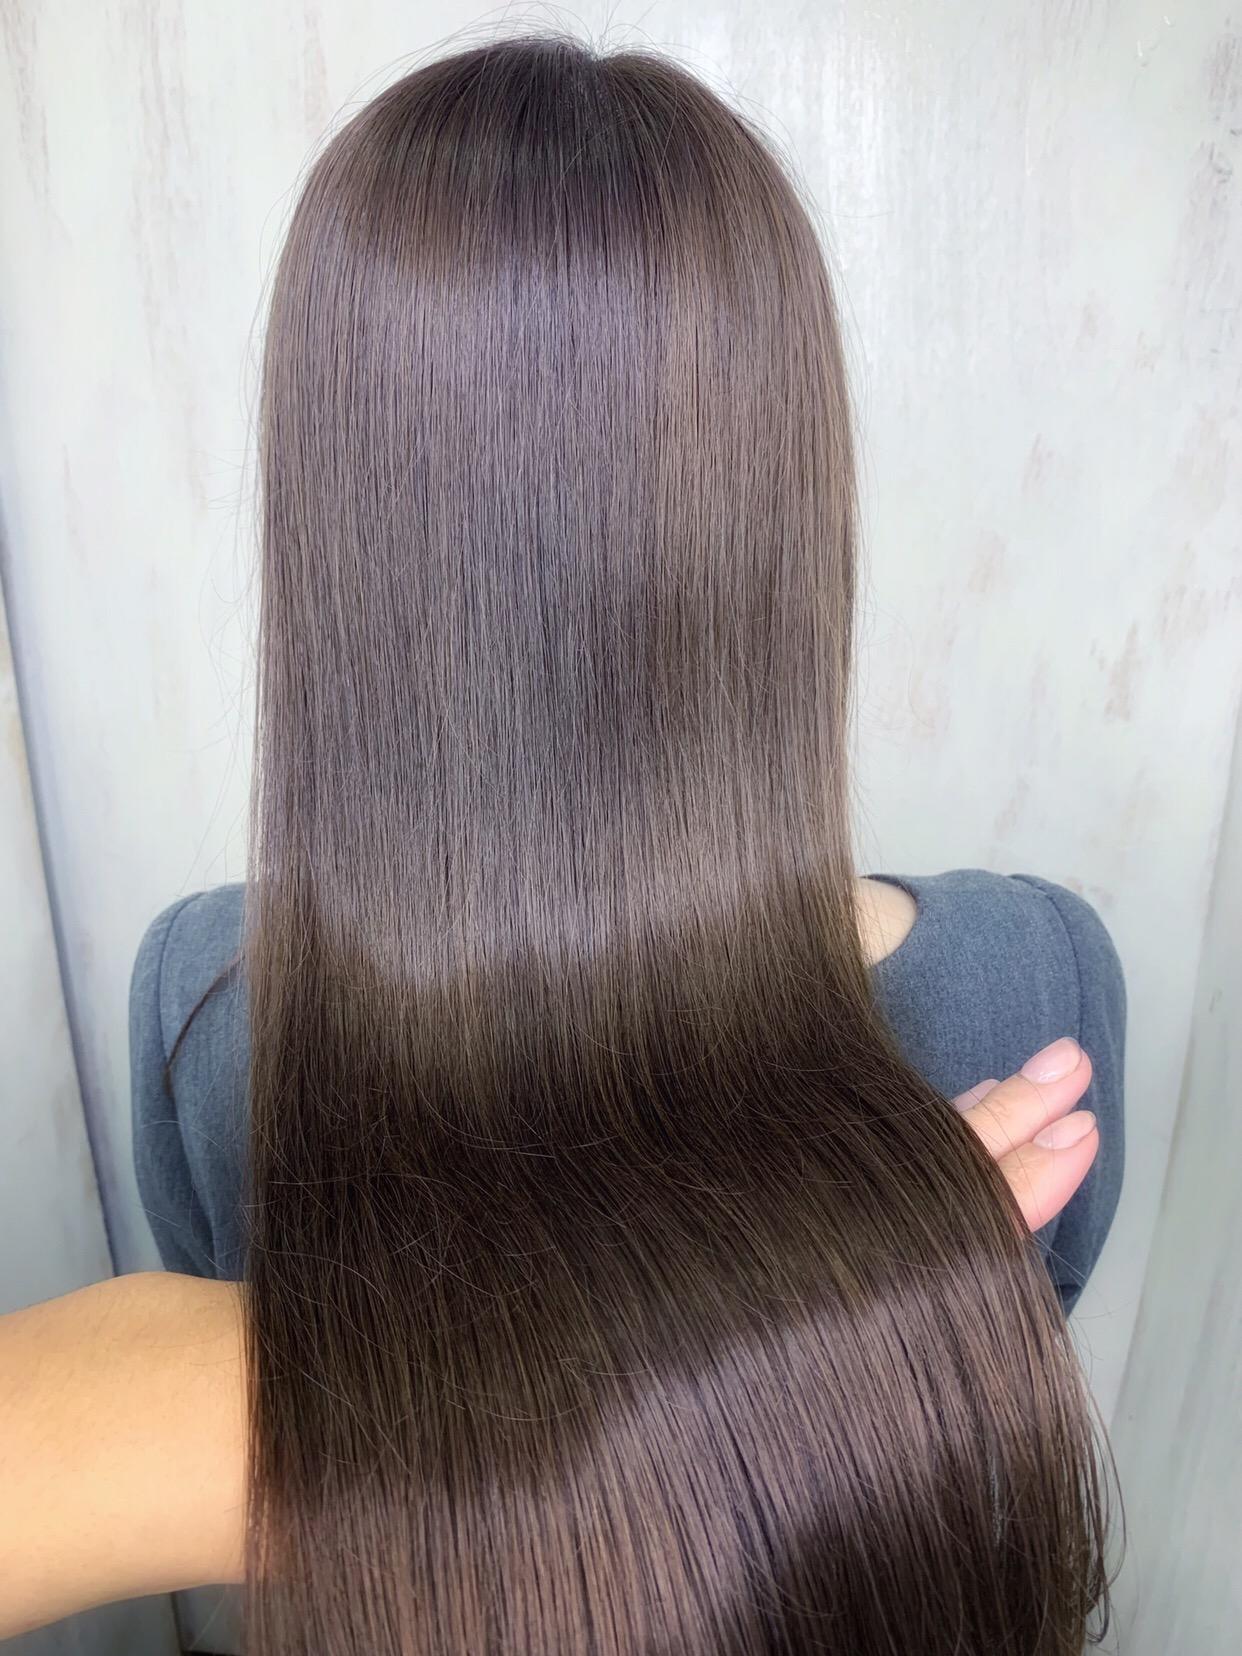 ジュエリーシステム×オレオルカラーで艶髪カラー。原宿・表参道『1000人をツヤ髪にヘアケア美容師の挑戦』